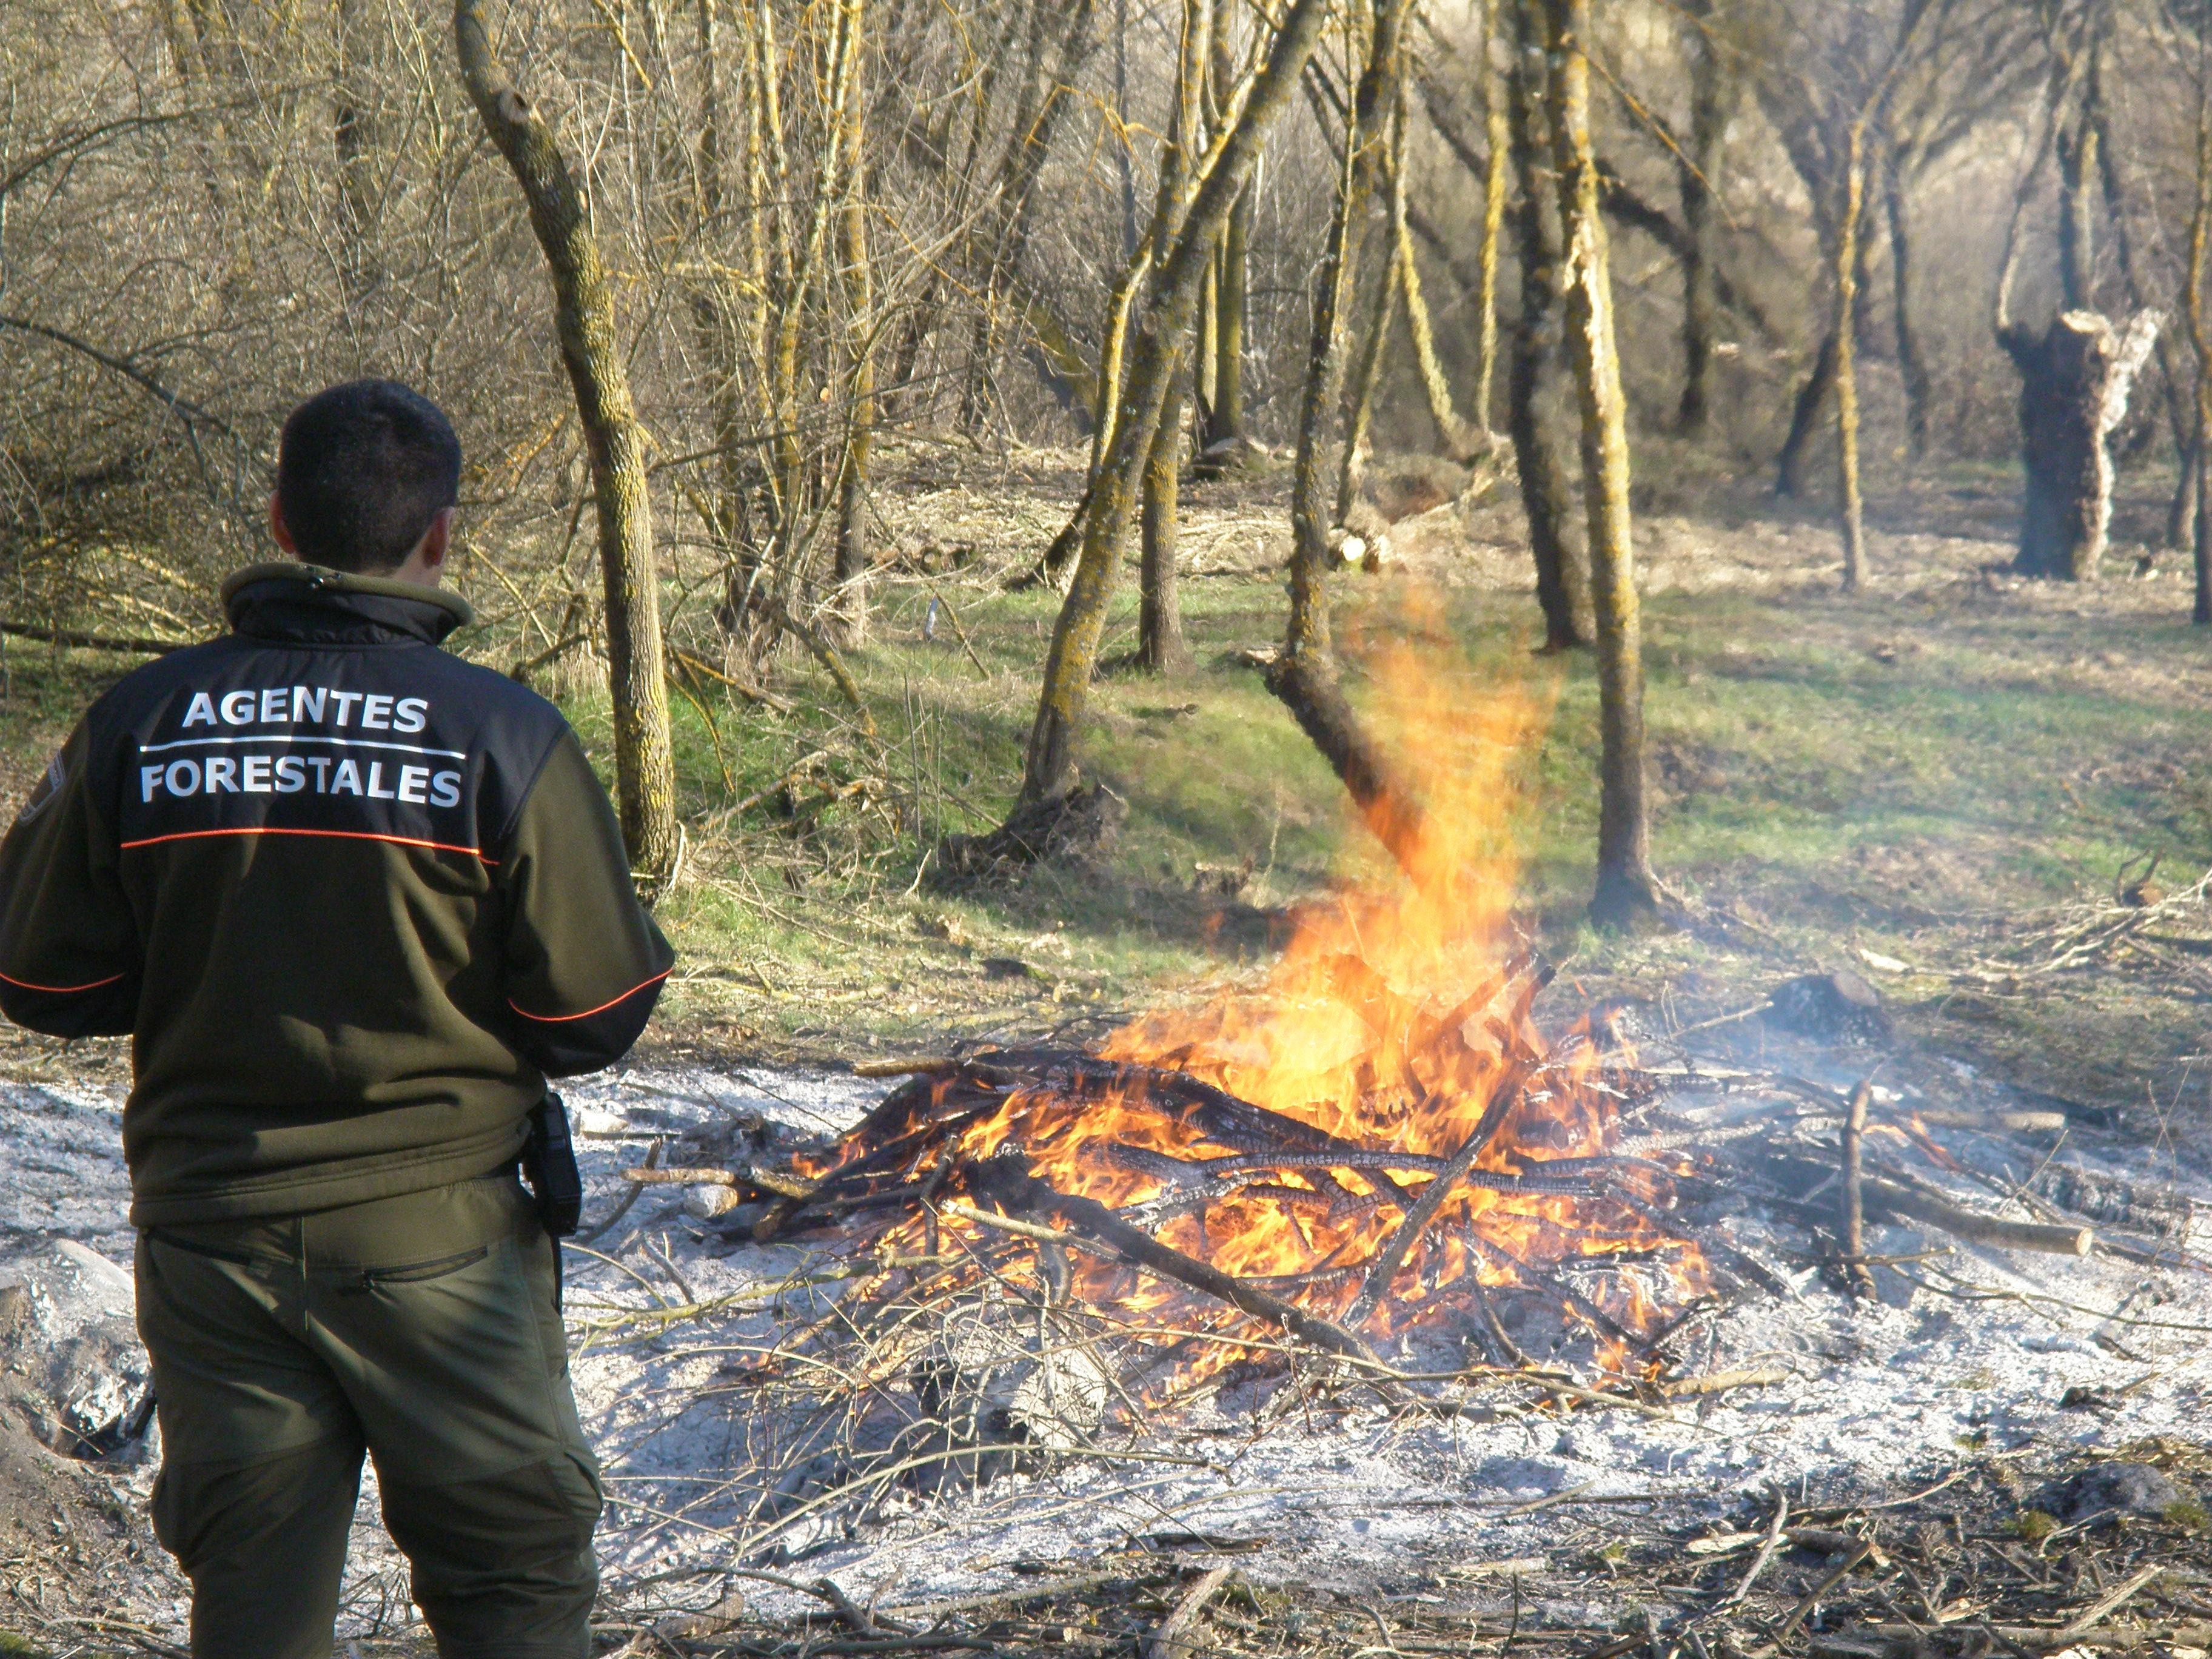 Agente Forestal examinando una quema